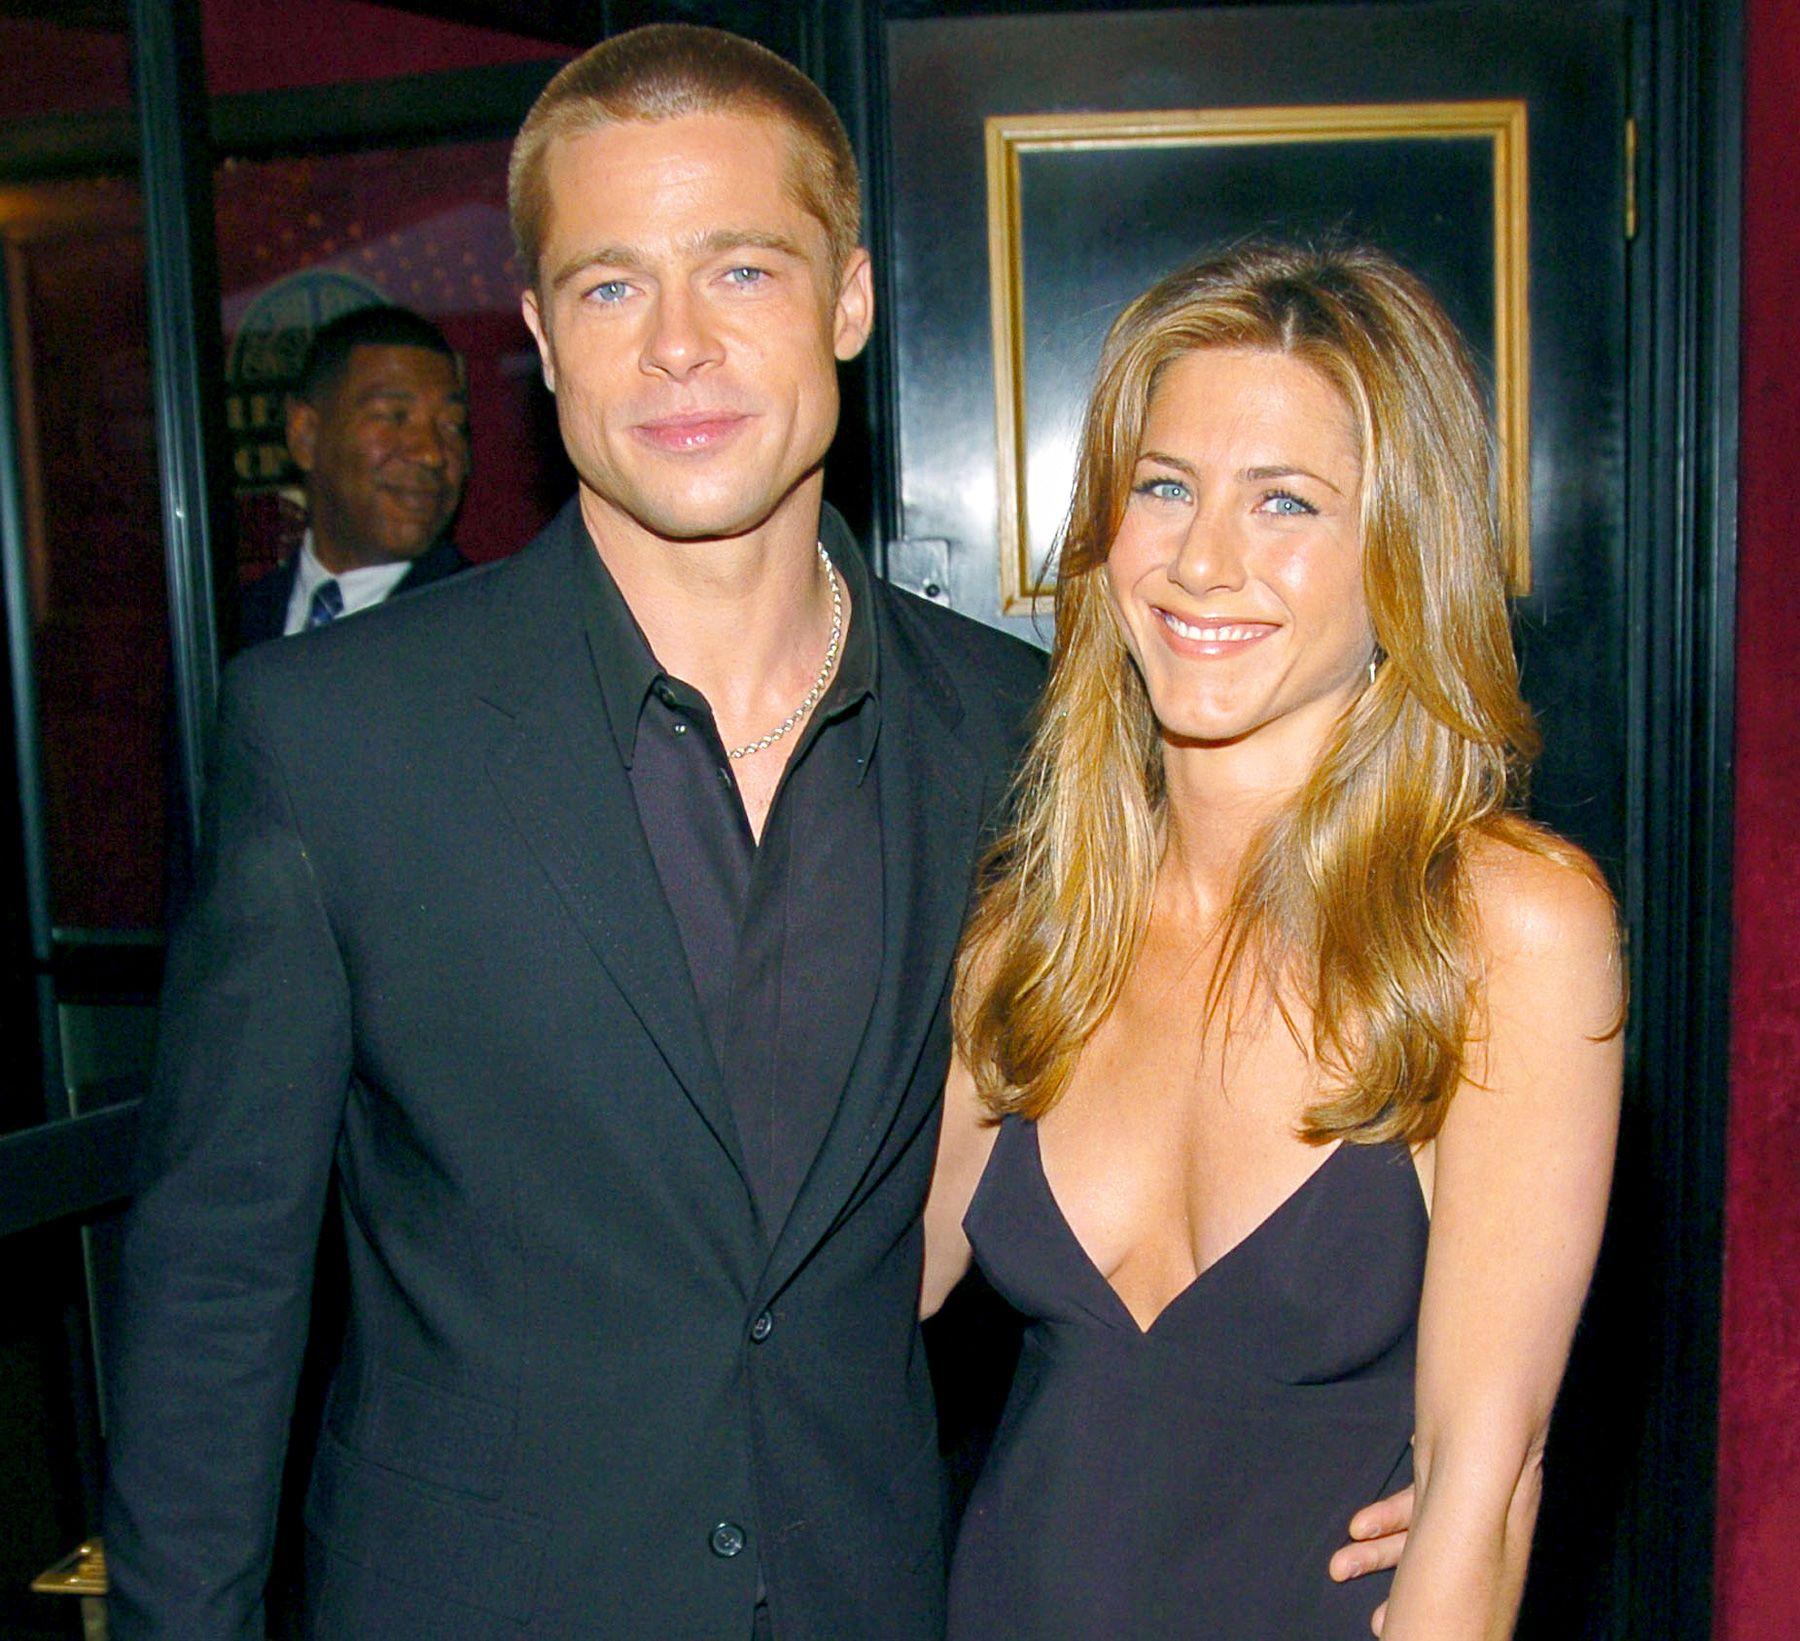 {altText(#Braniston fue una de las parejas más queridas de Hollywood,Brad Pitt y Jennifer Aniston recomponen su relación)}